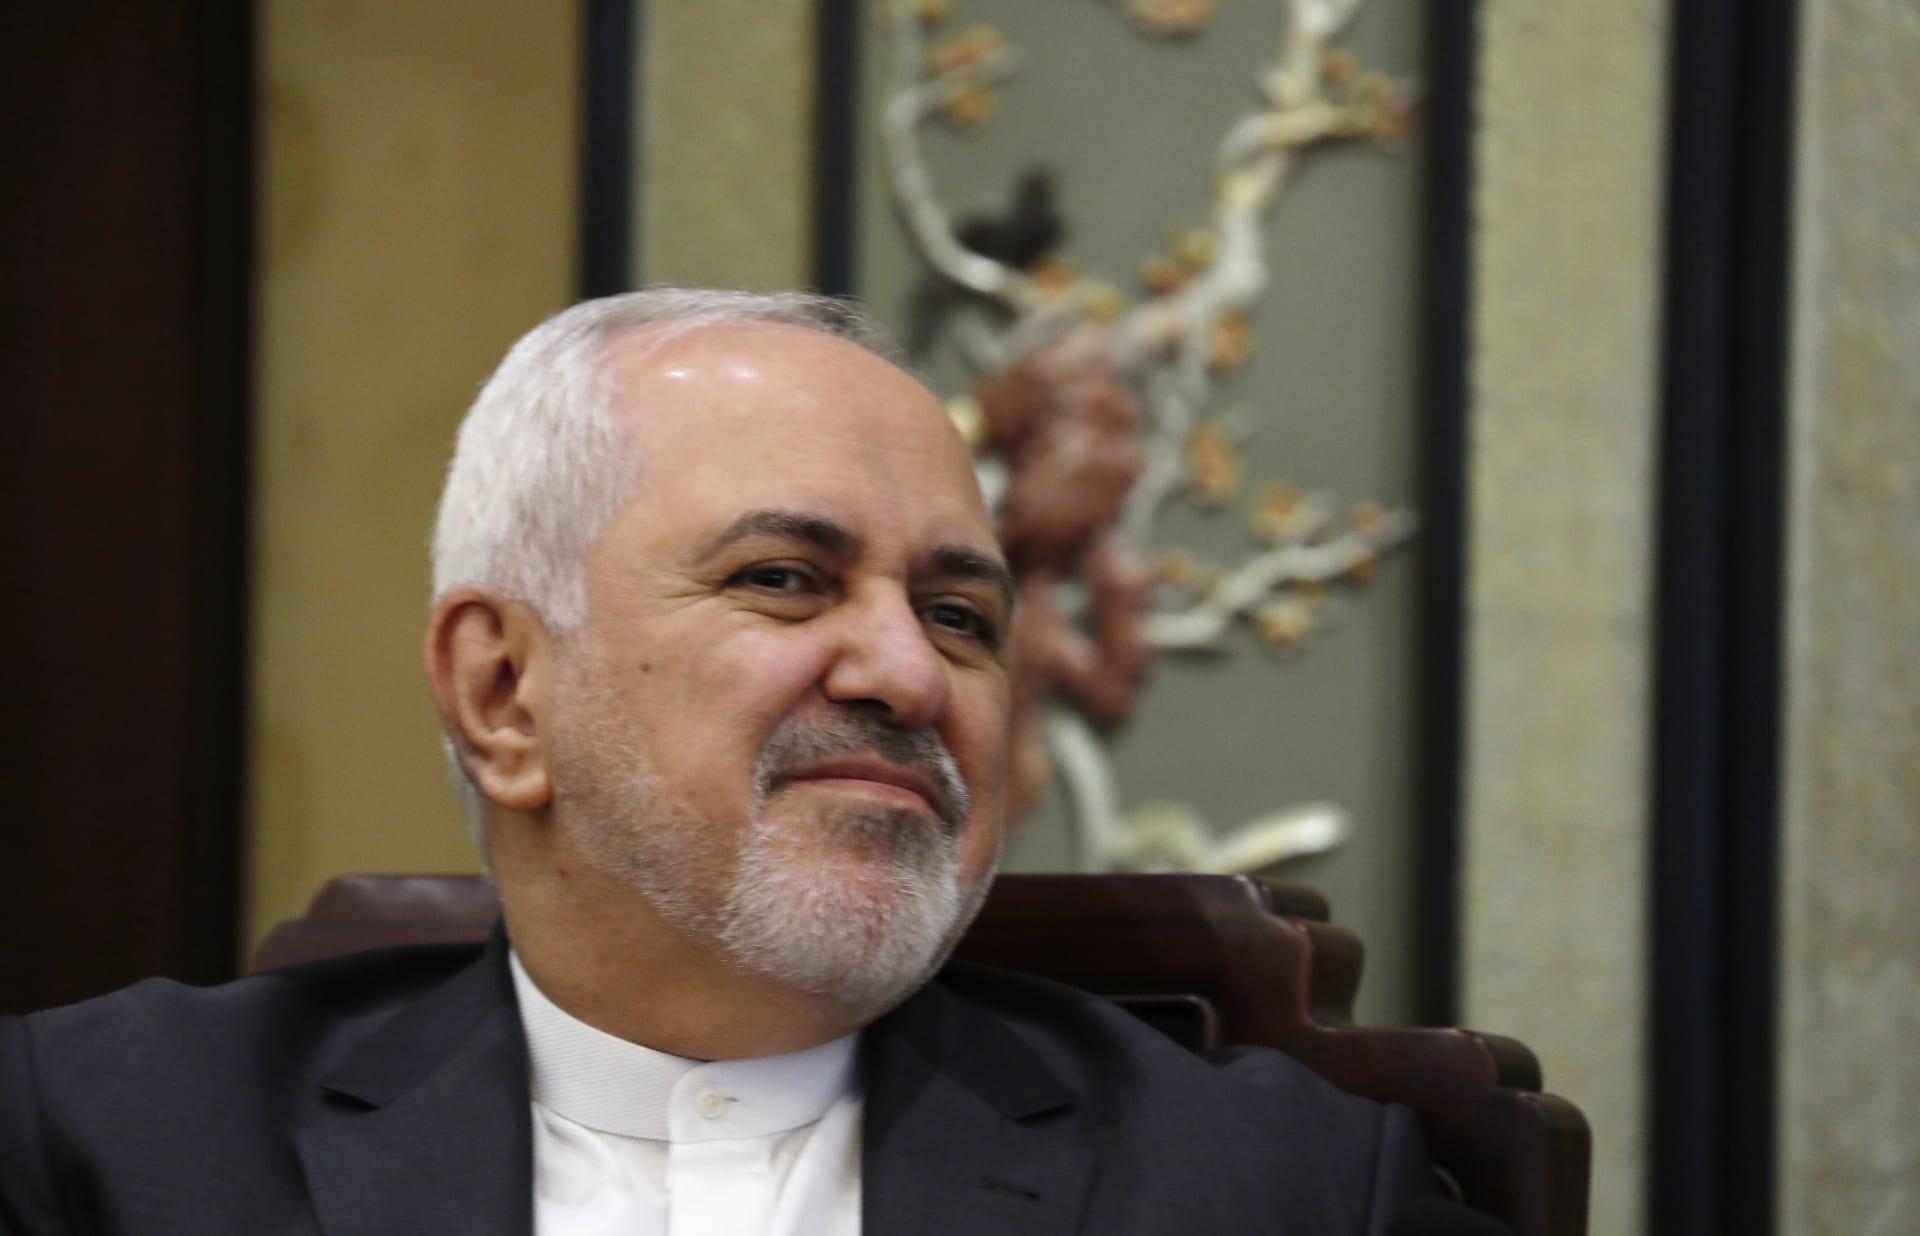 ظريف يكشف ما يأمل أن تحققه استقالته من وزارة الخارجية الإيرانية